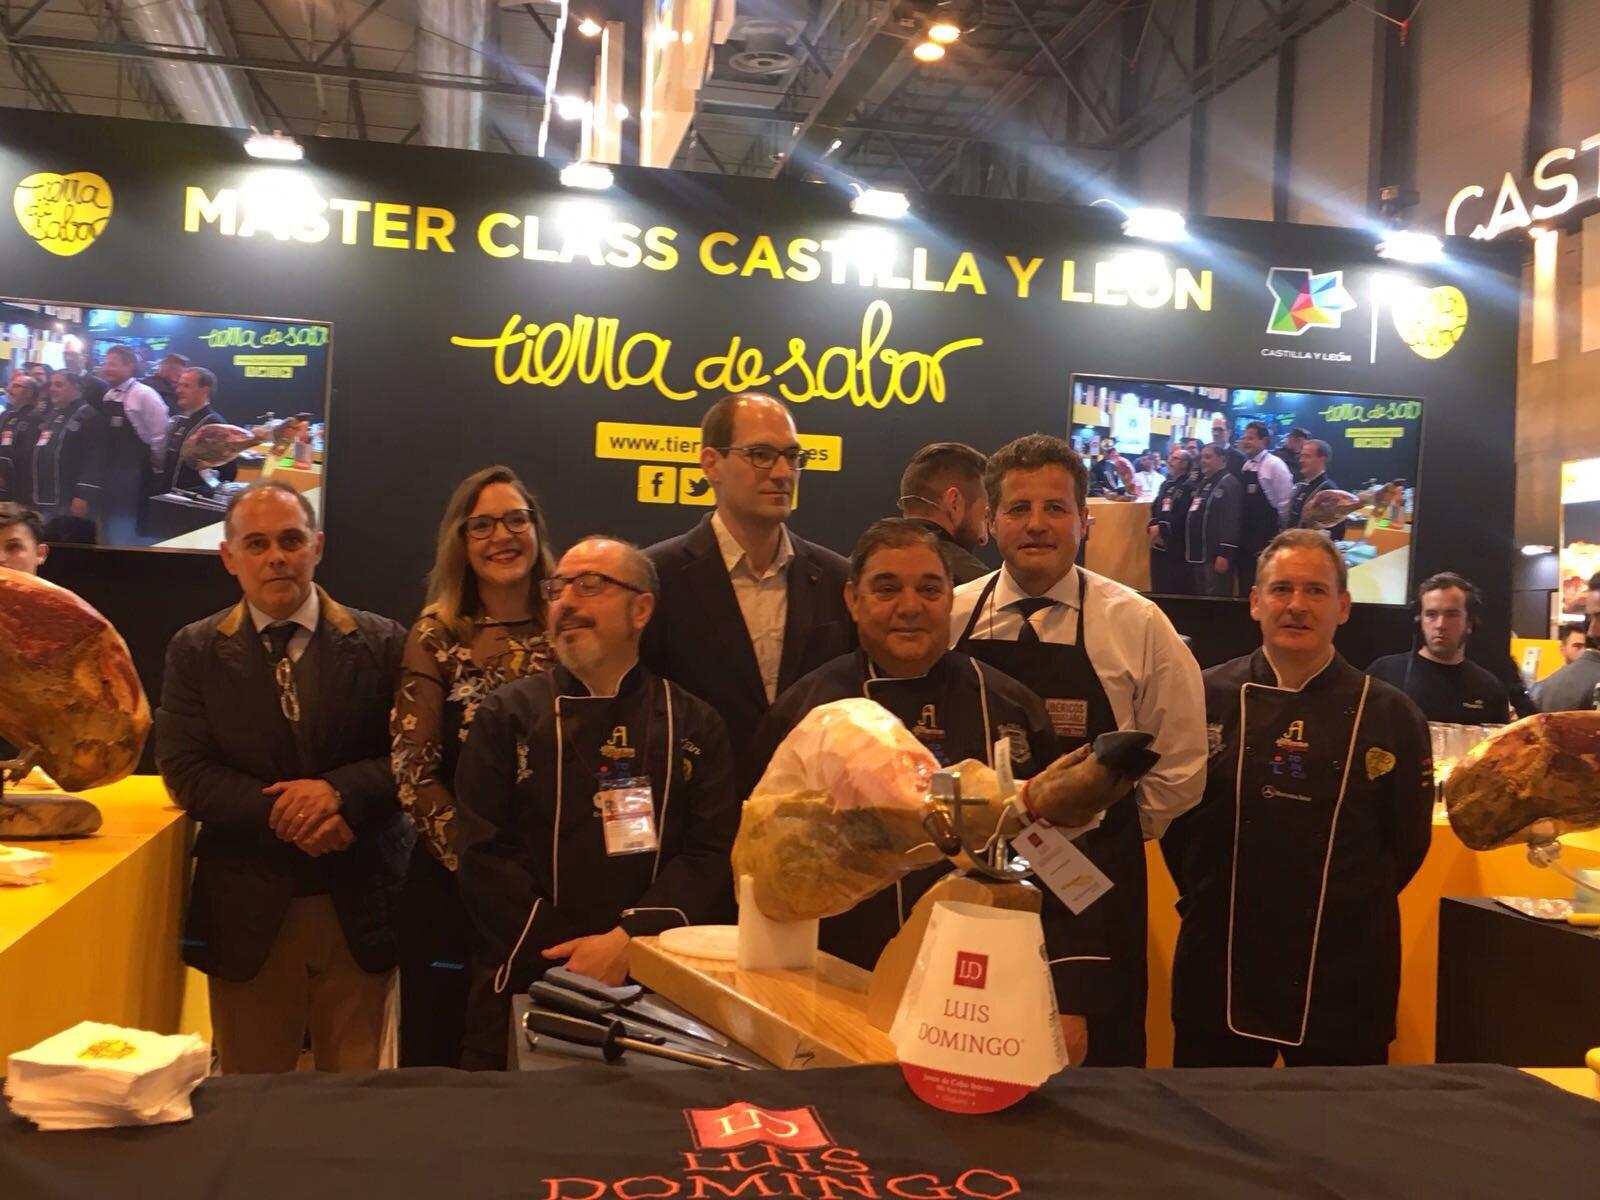 Presentación de los mejores jamones de Castilla y León en el #SalónDeGourmets #TierraDeSabor https://t.co/QM0xG30duF